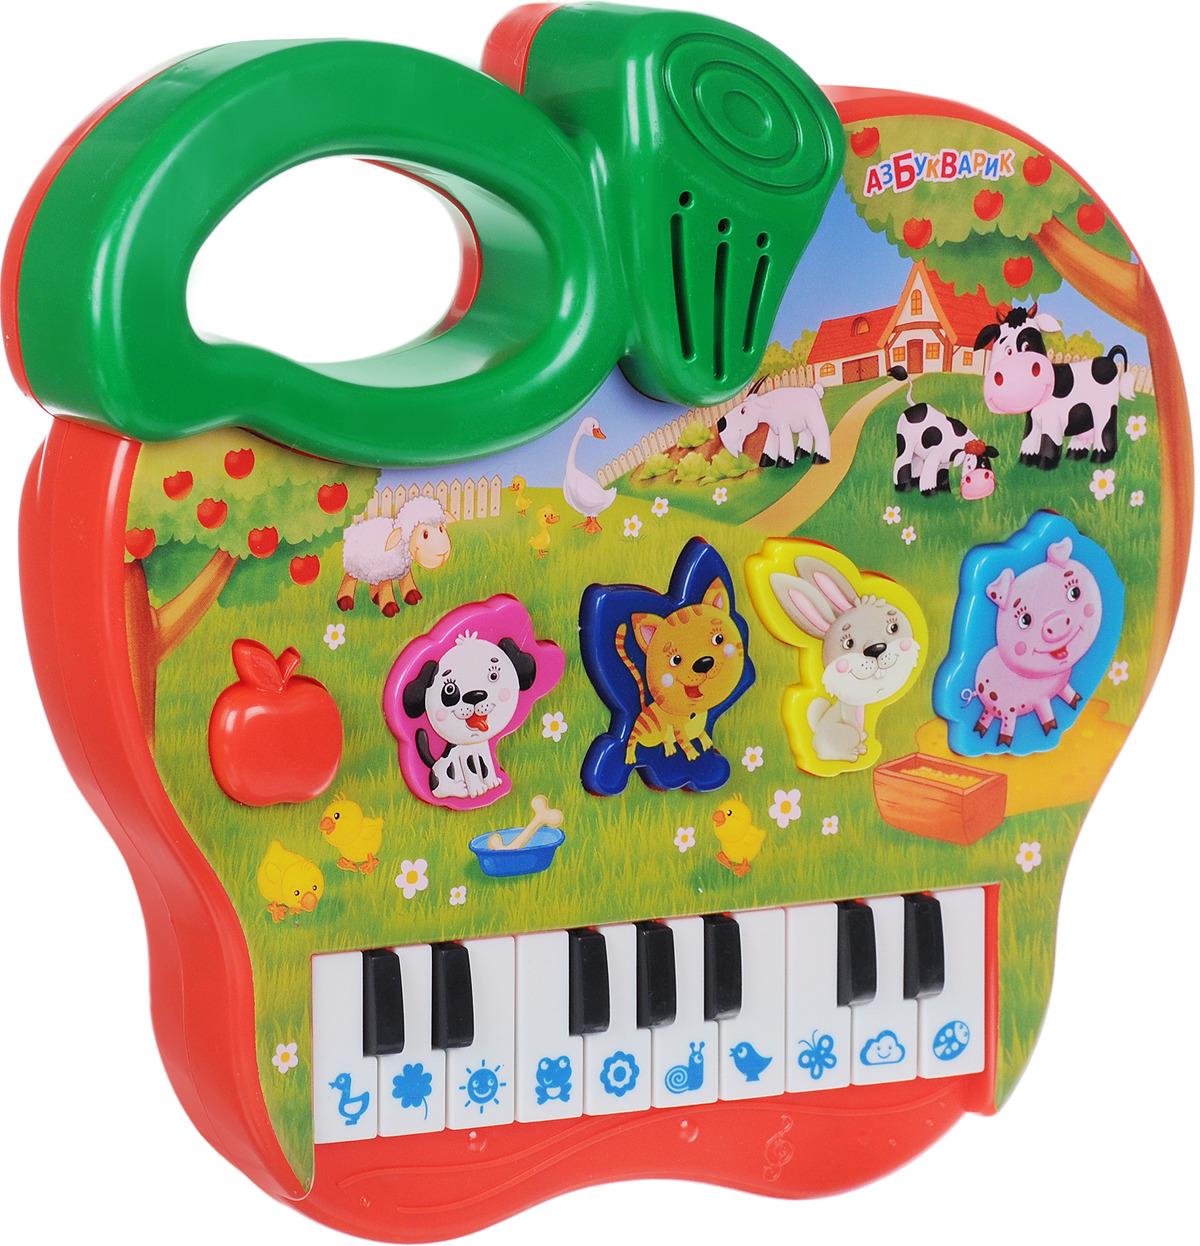 Музыкальная игрушка Азбукварик Пианино Яблочко, 1991 азбукварик планшет веселая радуга с пианино